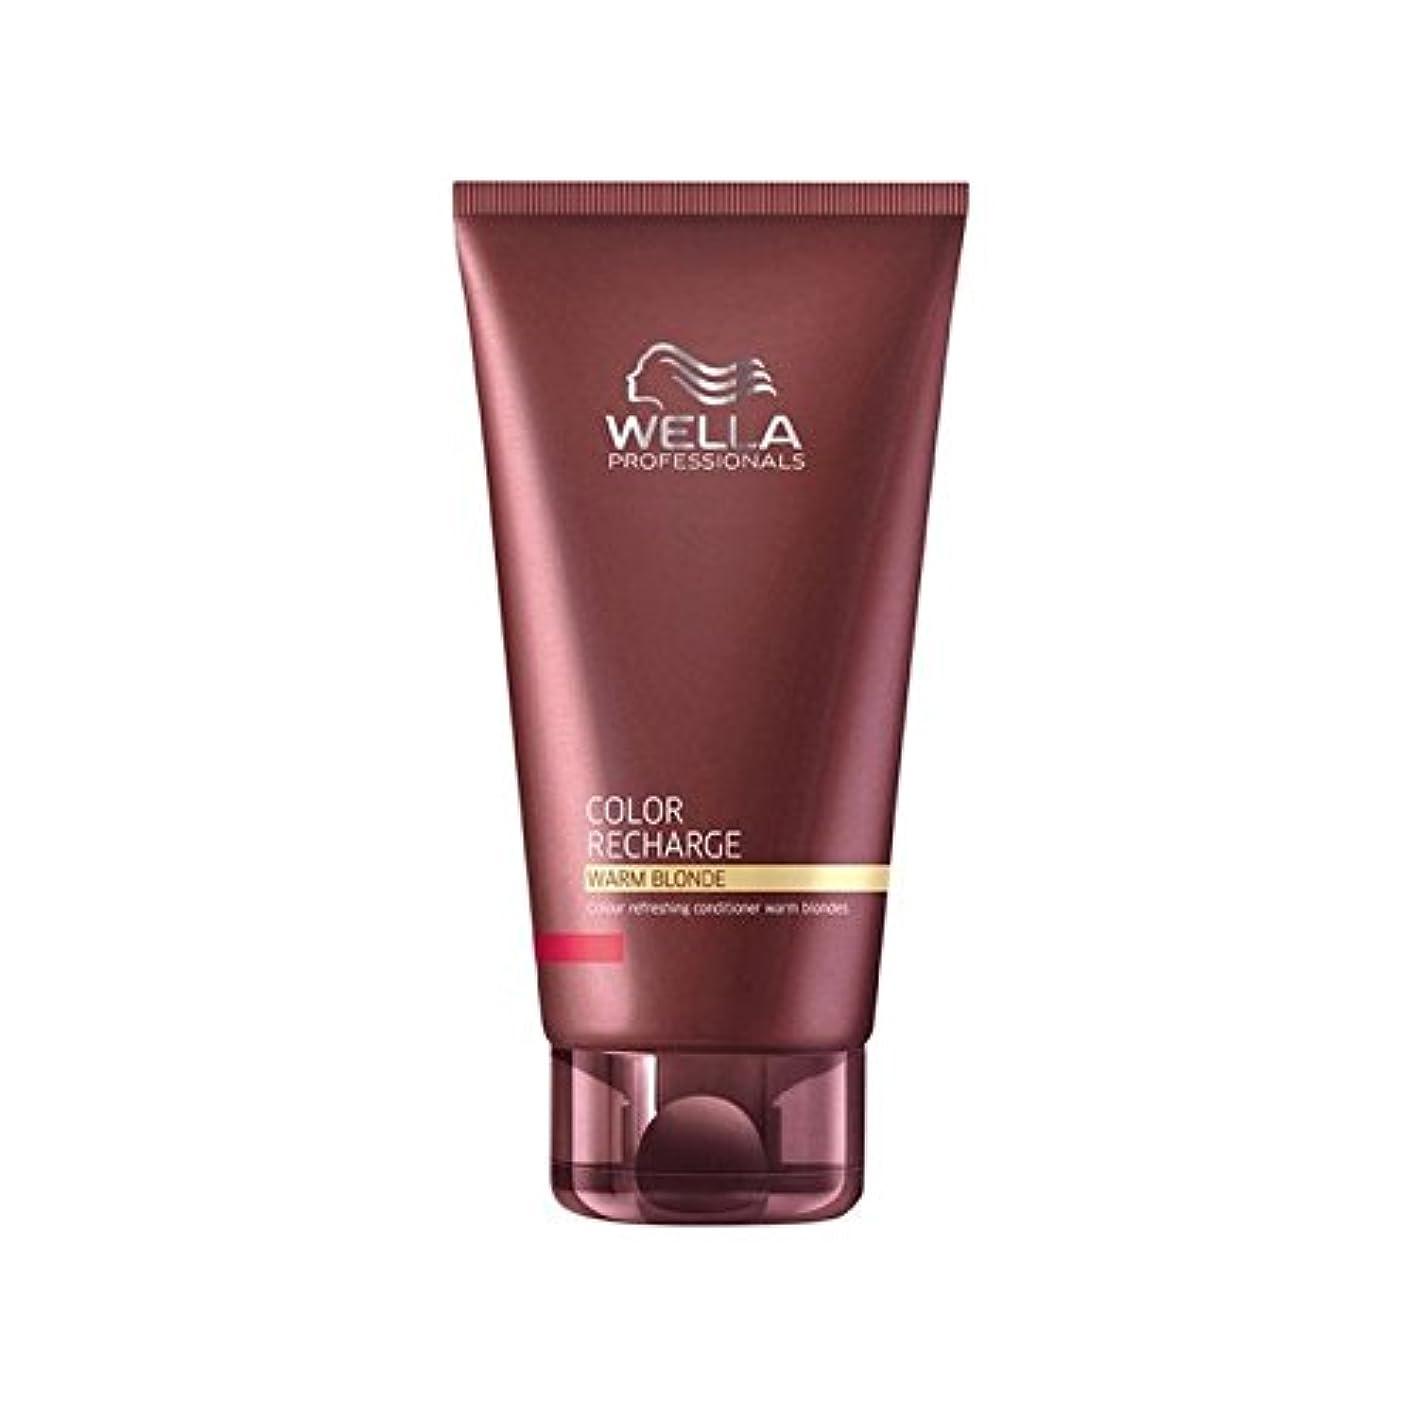 常識メドレー直立Wella Professionals Color Recharge Conditioner Warm Blonde (200ml) (Pack of 6) - ウエラ専門家のカラー再充電コンディショナー暖かいブロンド(...